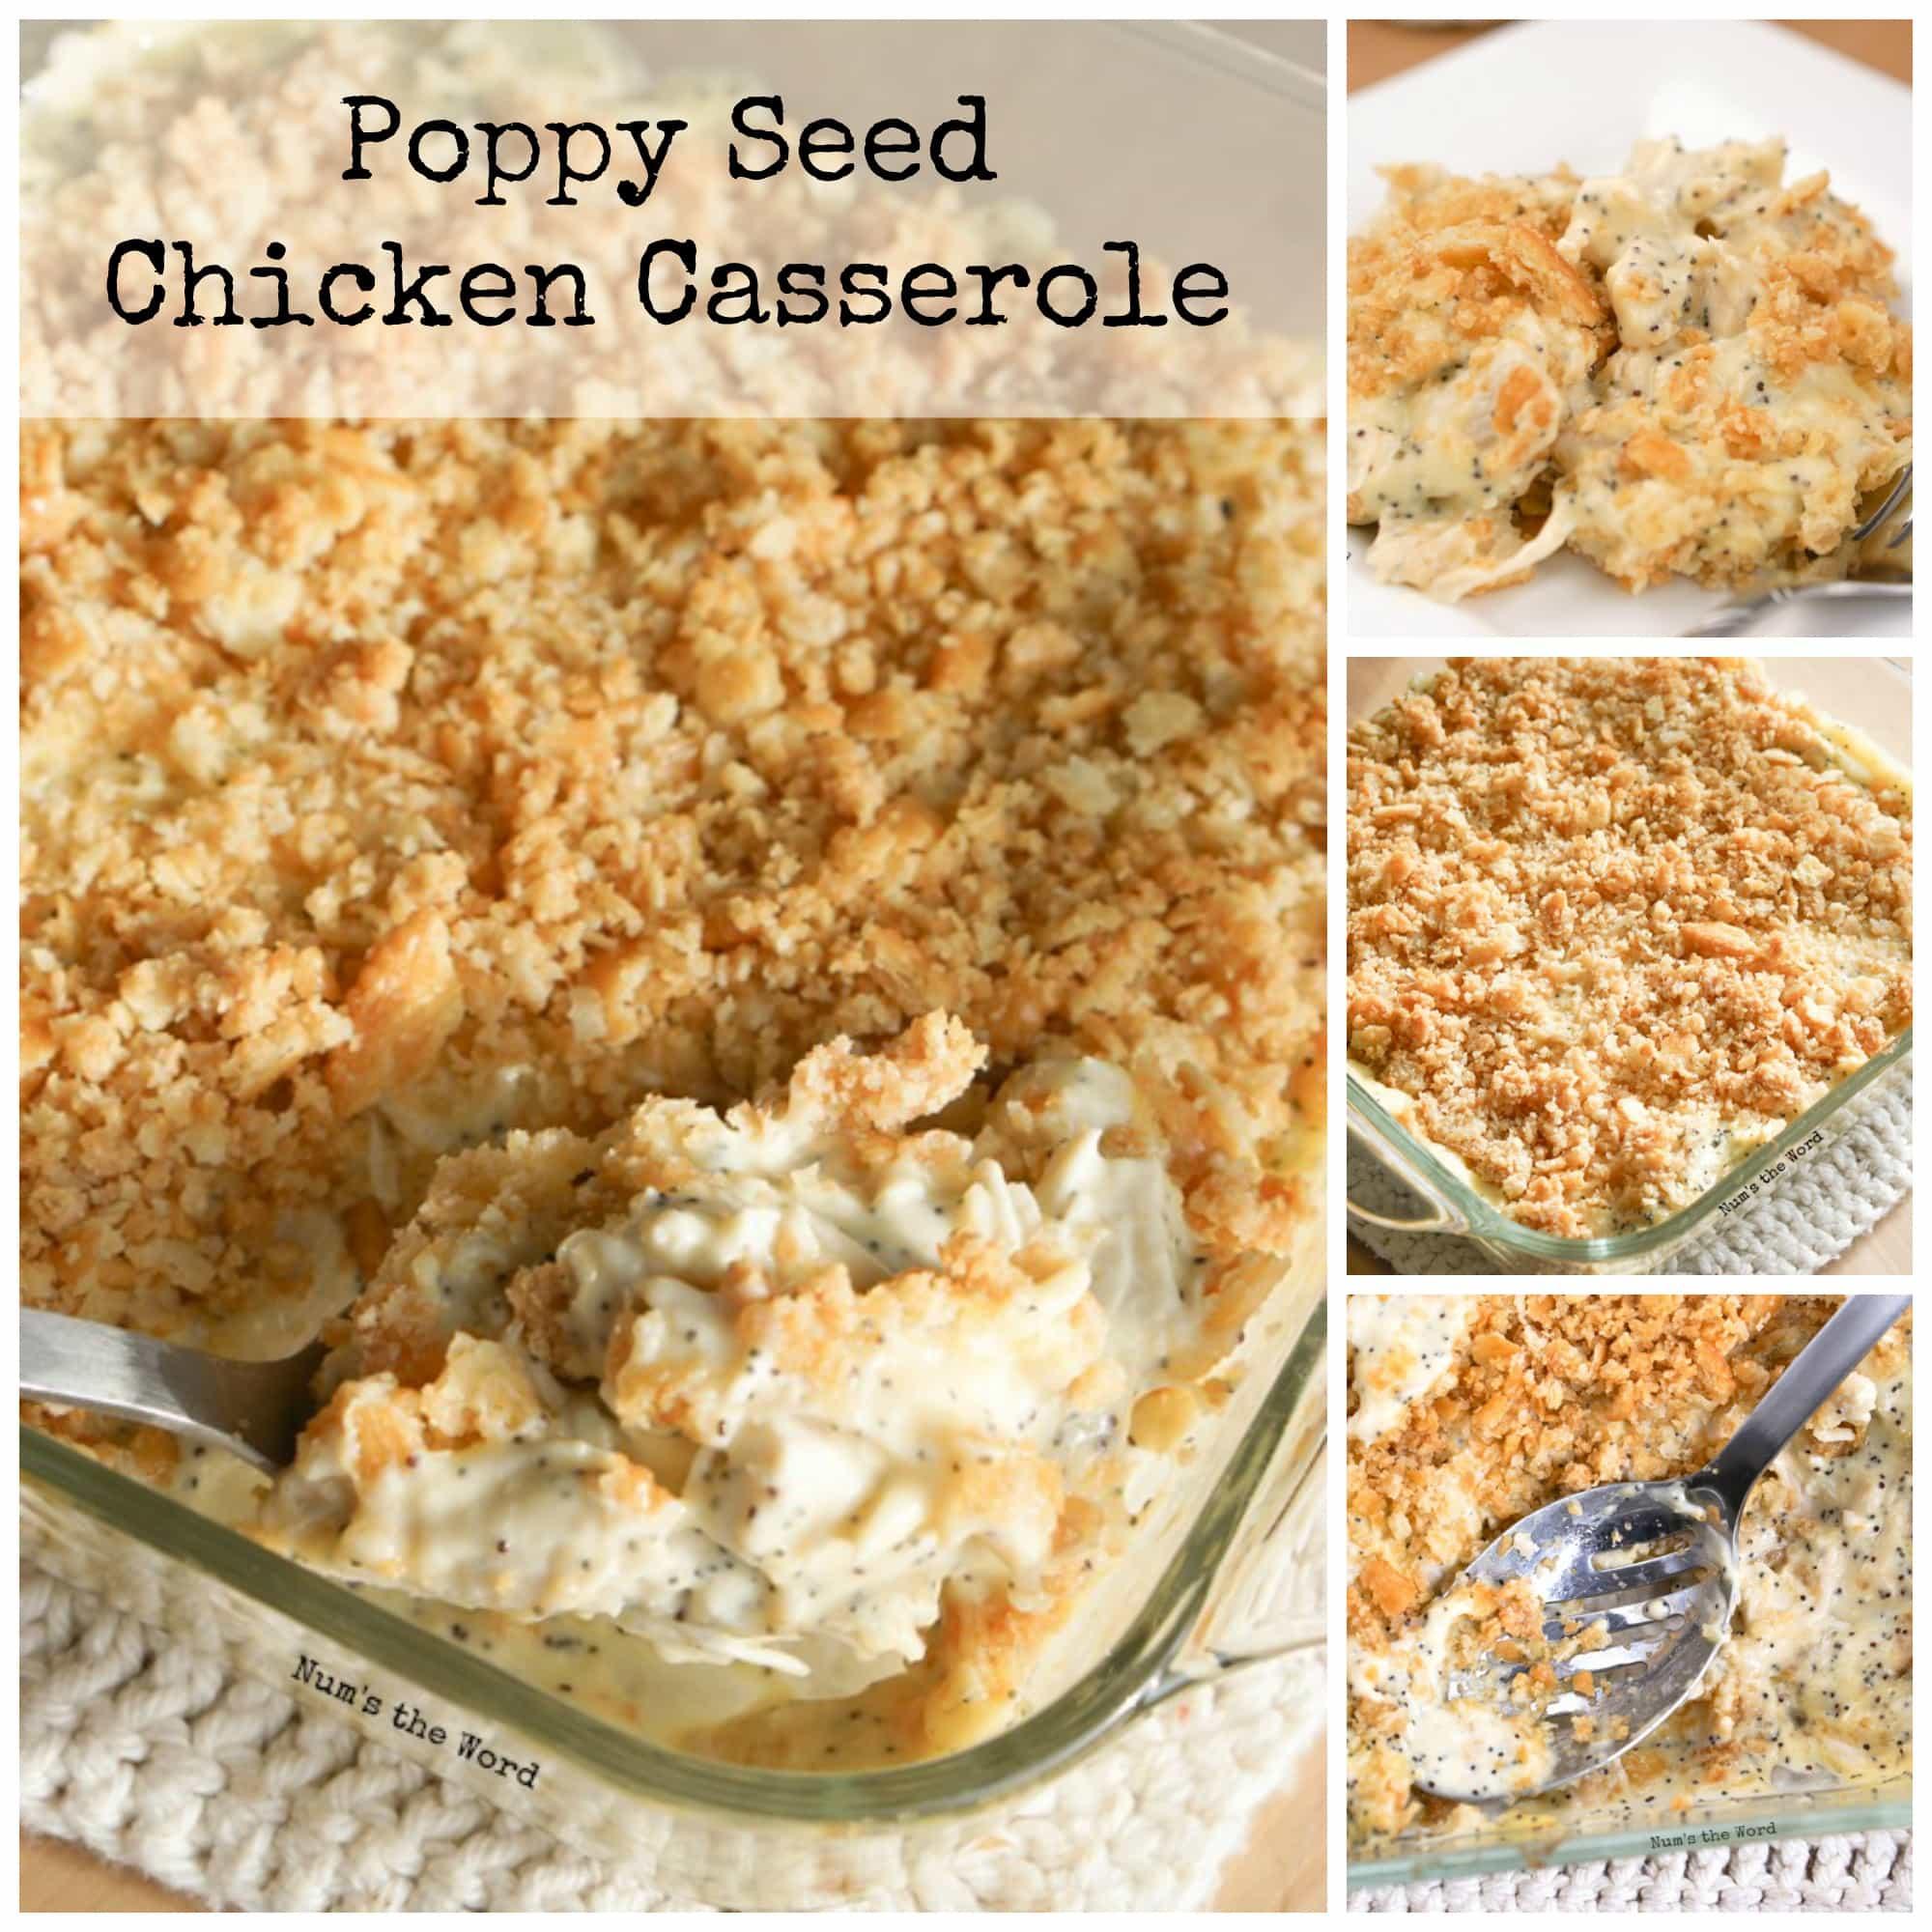 Poppy Seed Chicken